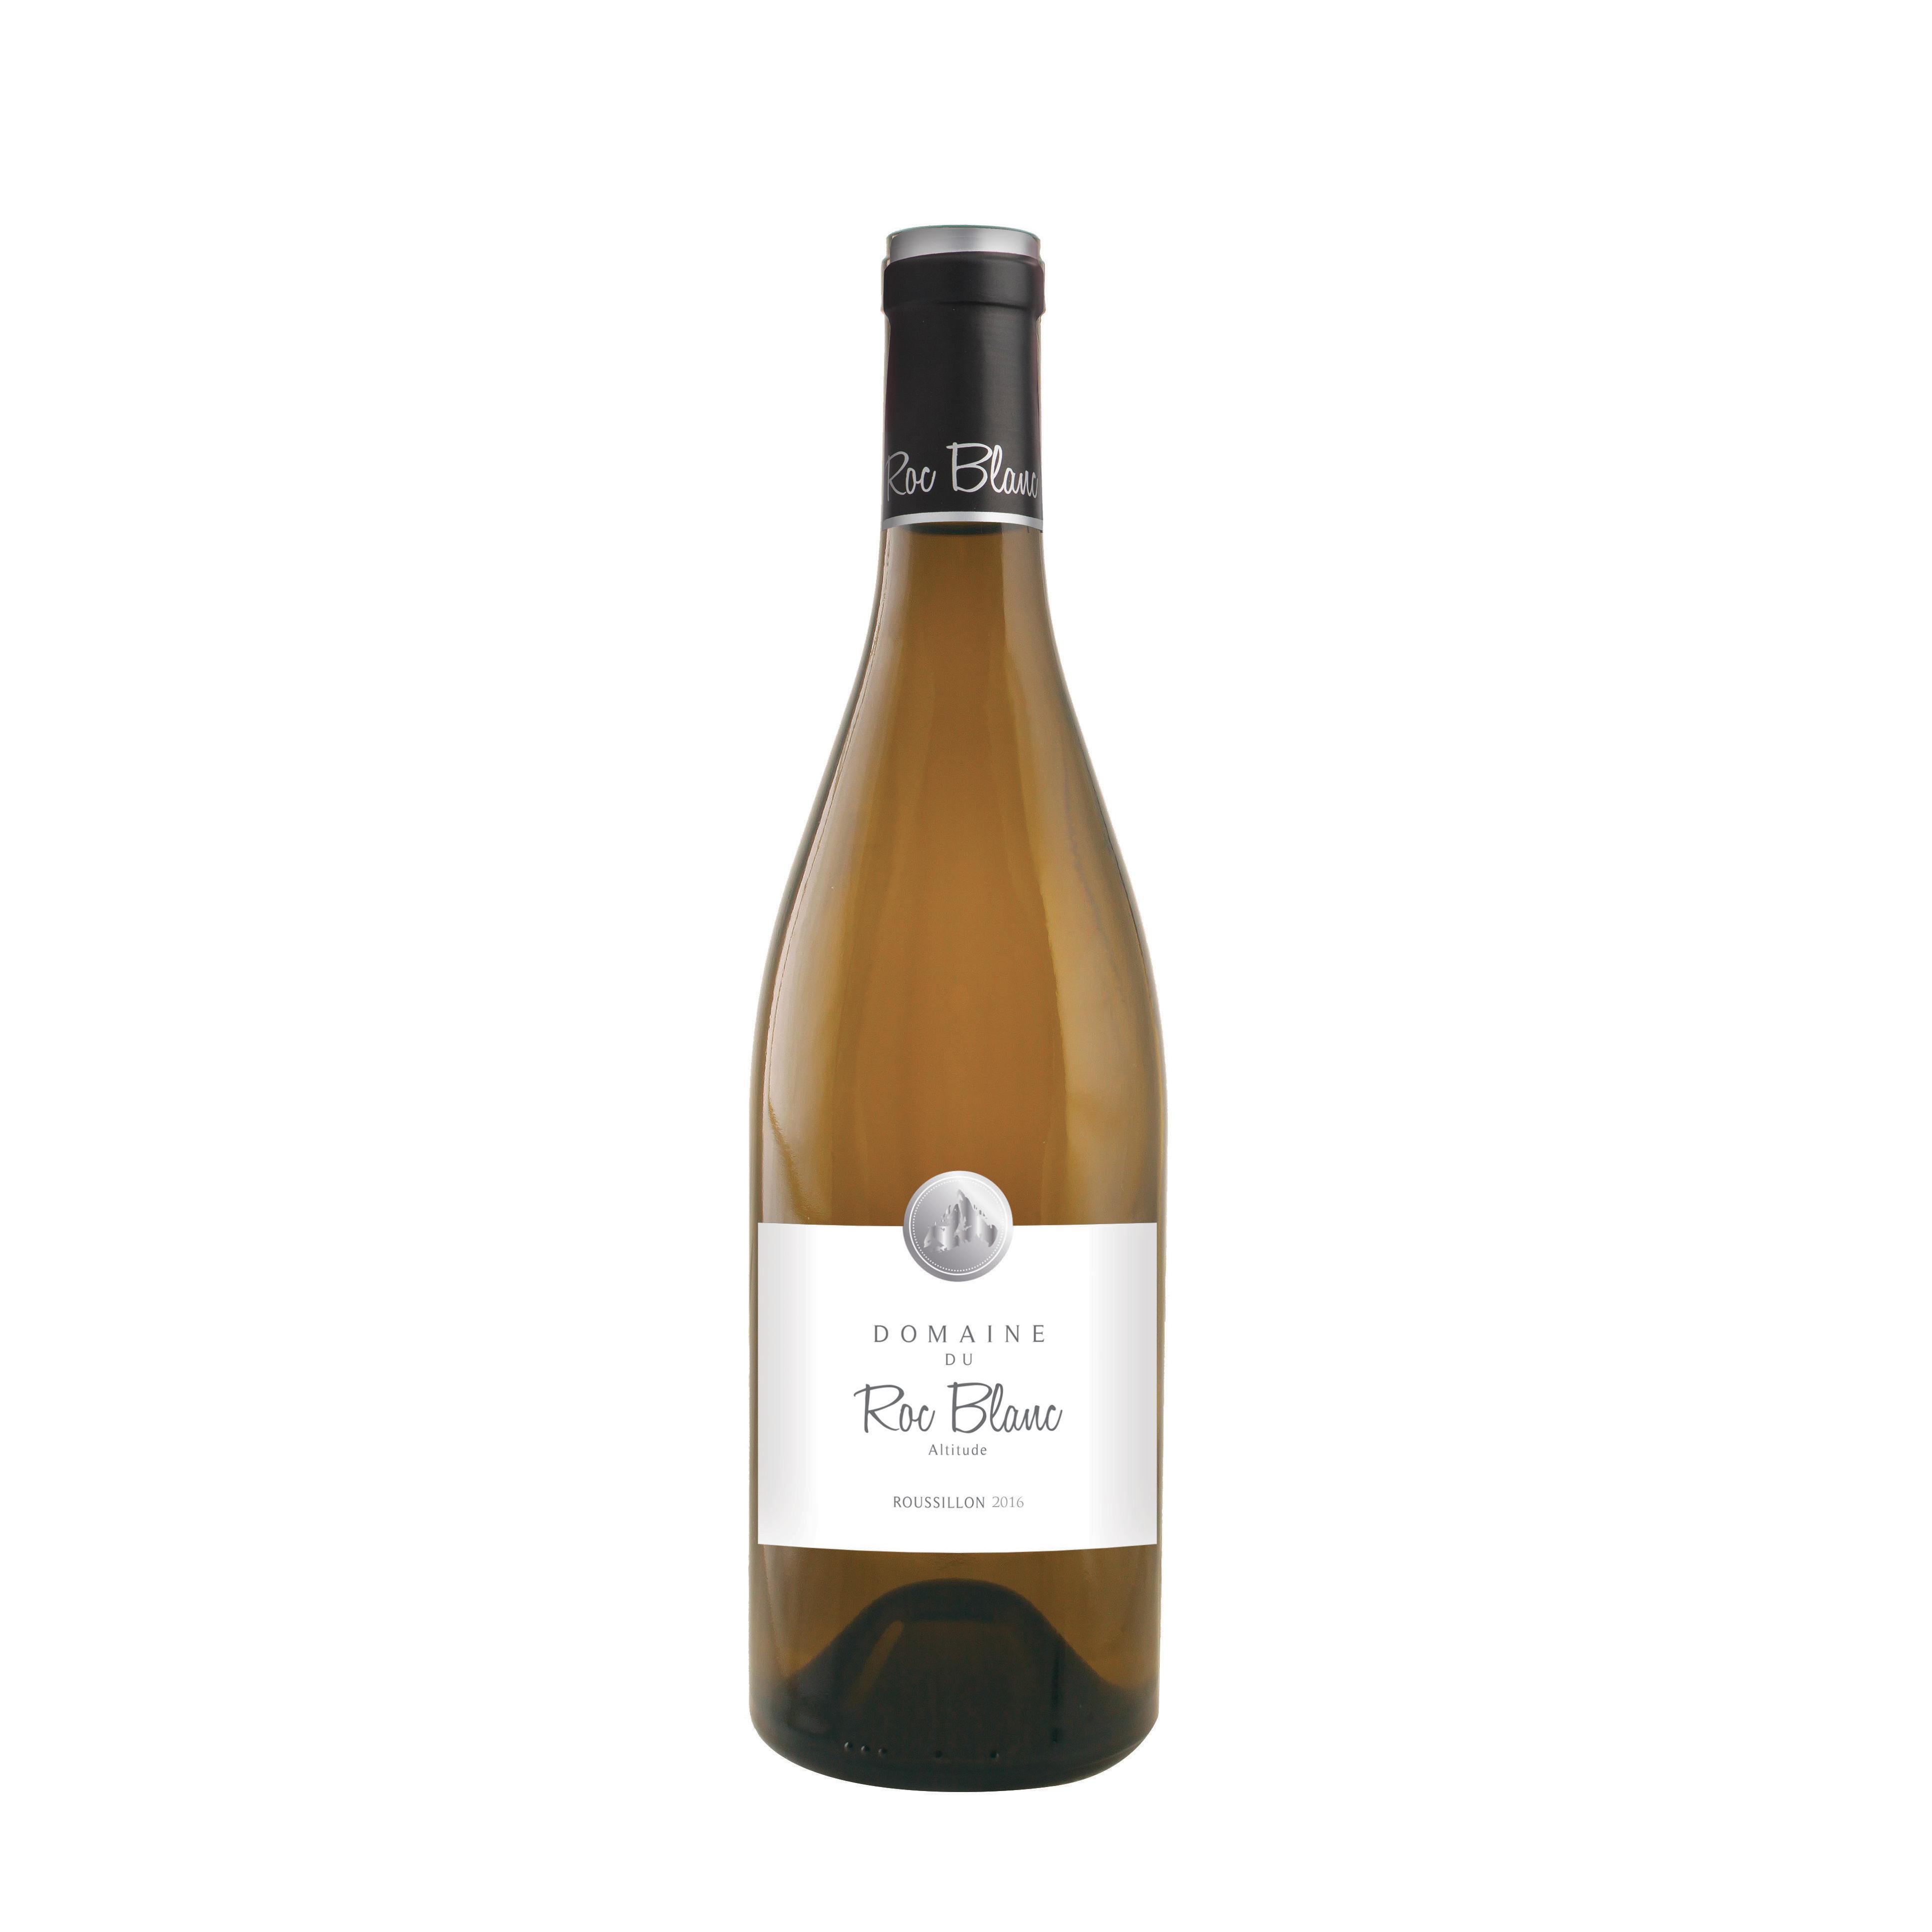 vignerons-catalans-cotes-du-roussillon-domaine-roc-blanc-altitutes